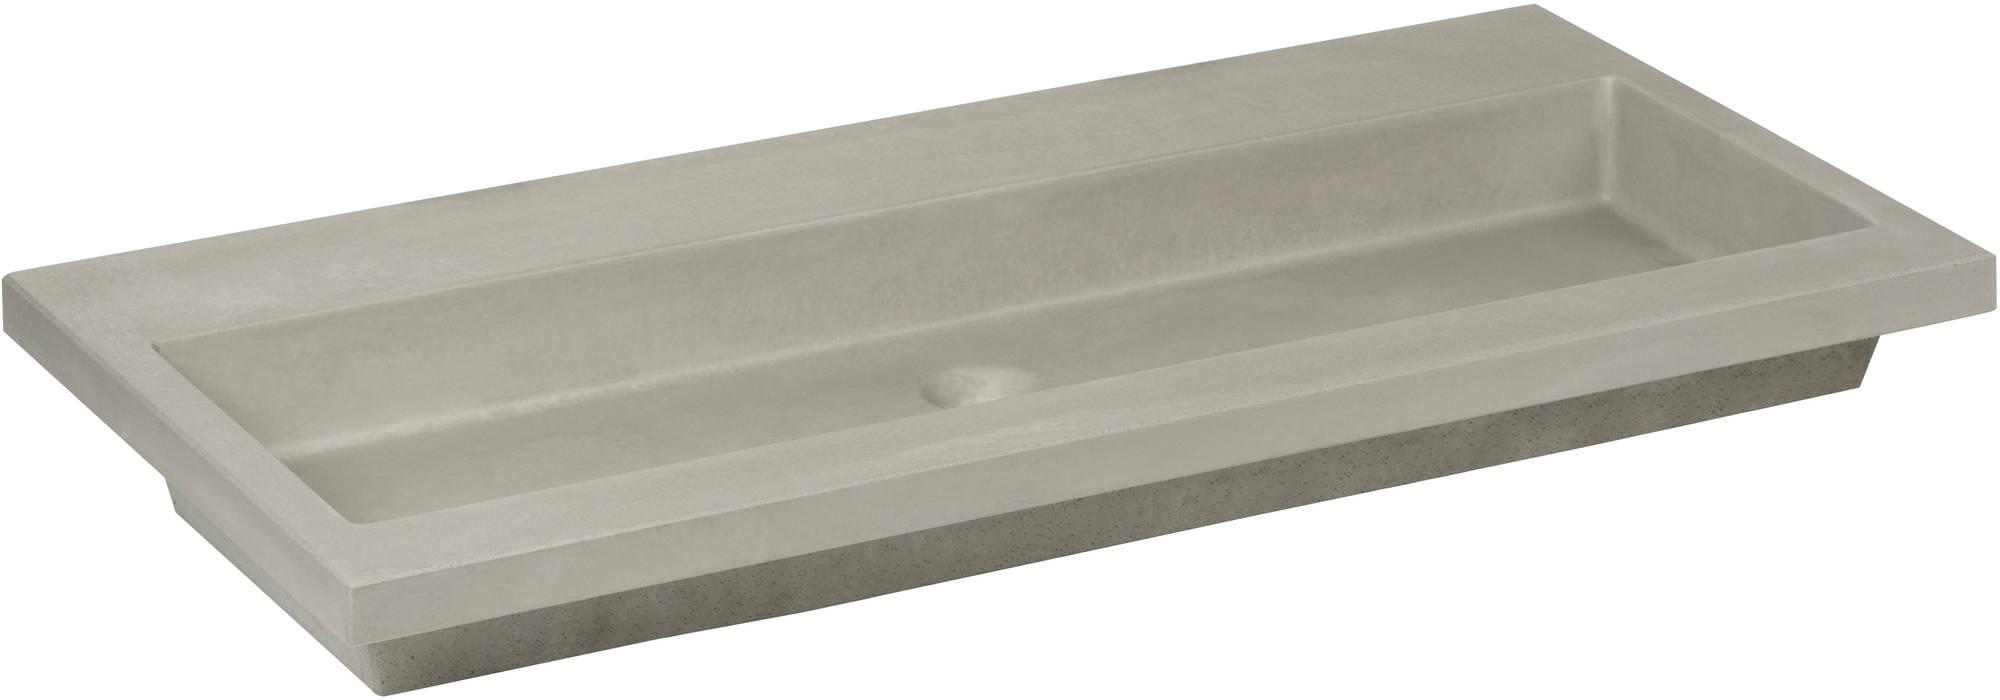 Ben Concrete Wastafel enkel 120x51cm zonder kraangat Beton